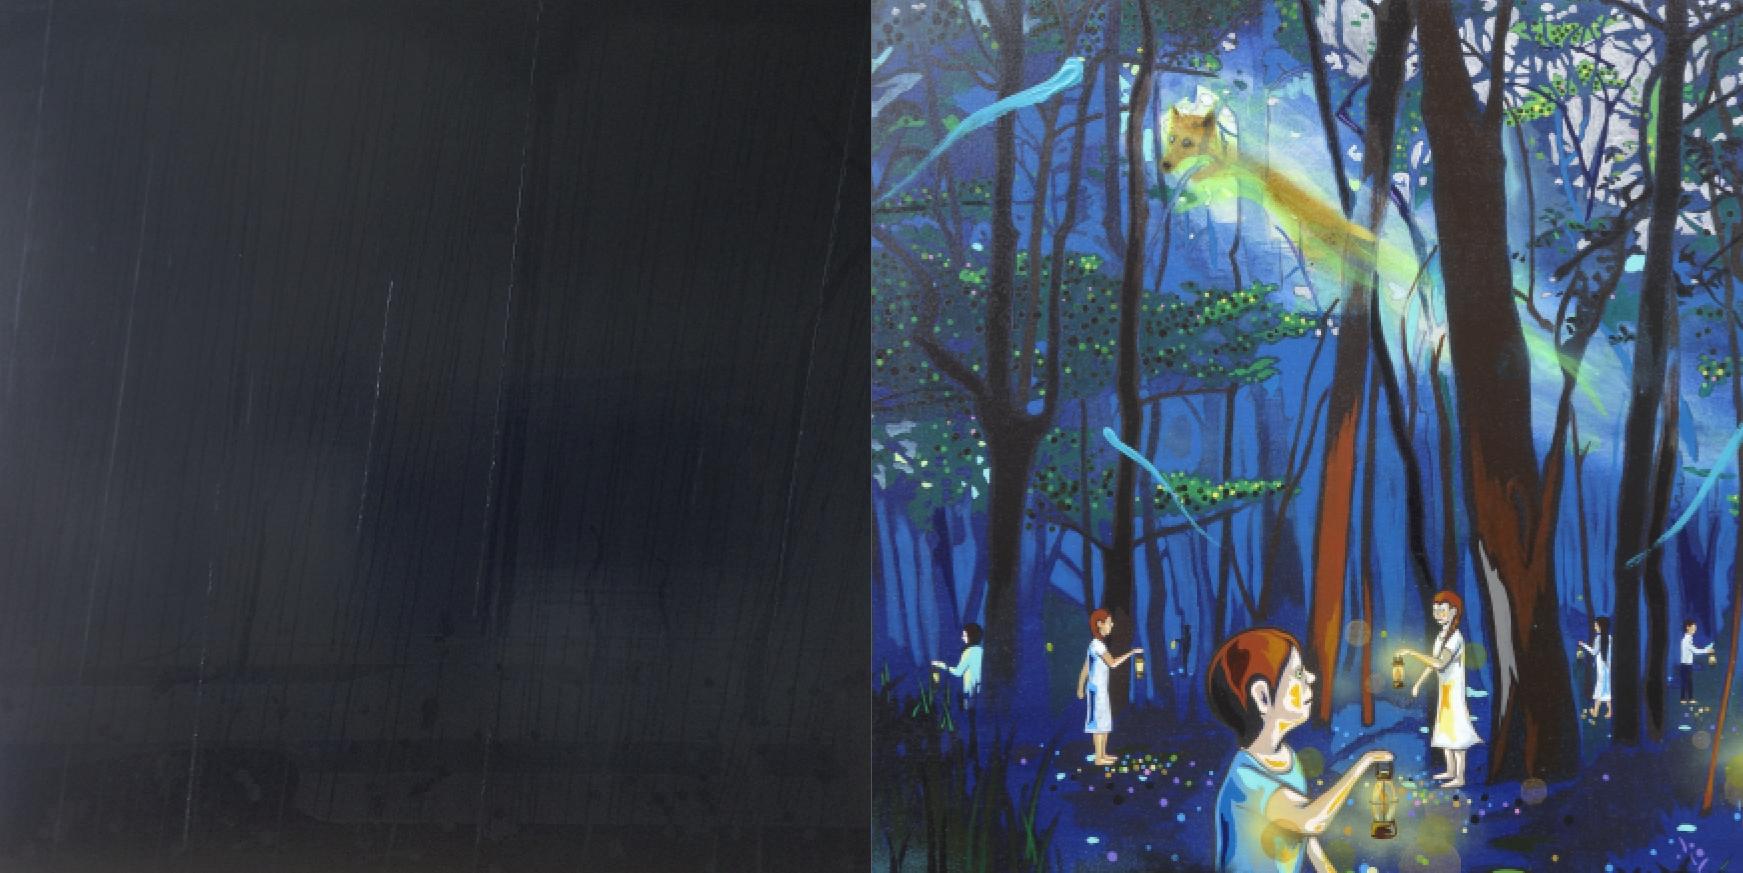 注目の若手アーティスト! 平川恒太「Between」展 【今週のおすすめアート】